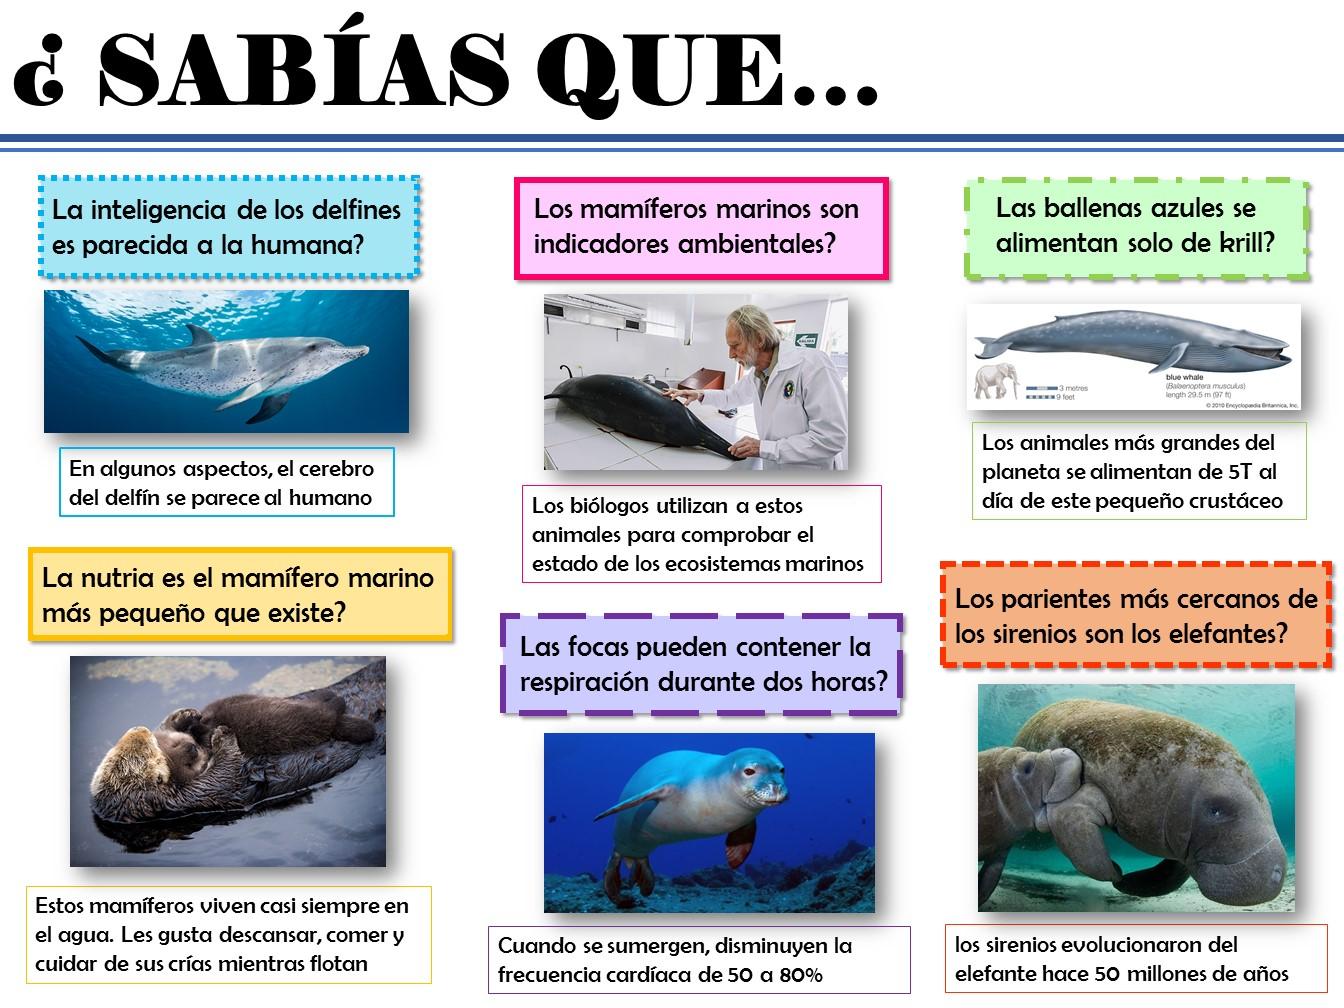 Sabías qué... (Mamíferos marinos) | Galería virtual de pósteres y ...